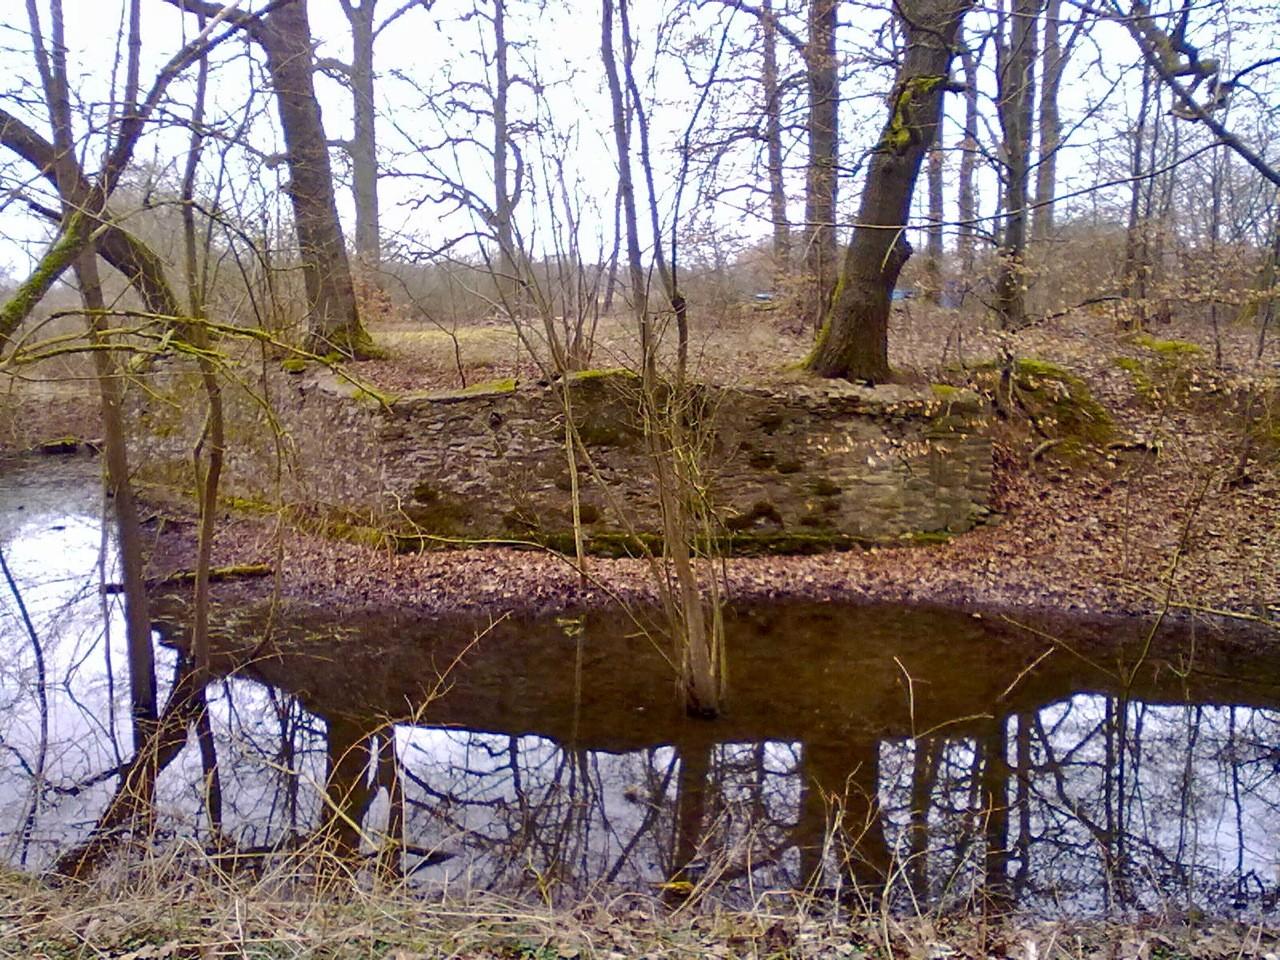 """Vom Wald zurückerobert: Im 18. Jahrhundert stand in den Parkanlagen des Windhofes ein """"türkisches Lusthaus"""" inmitten eines künstlichen Teiches."""